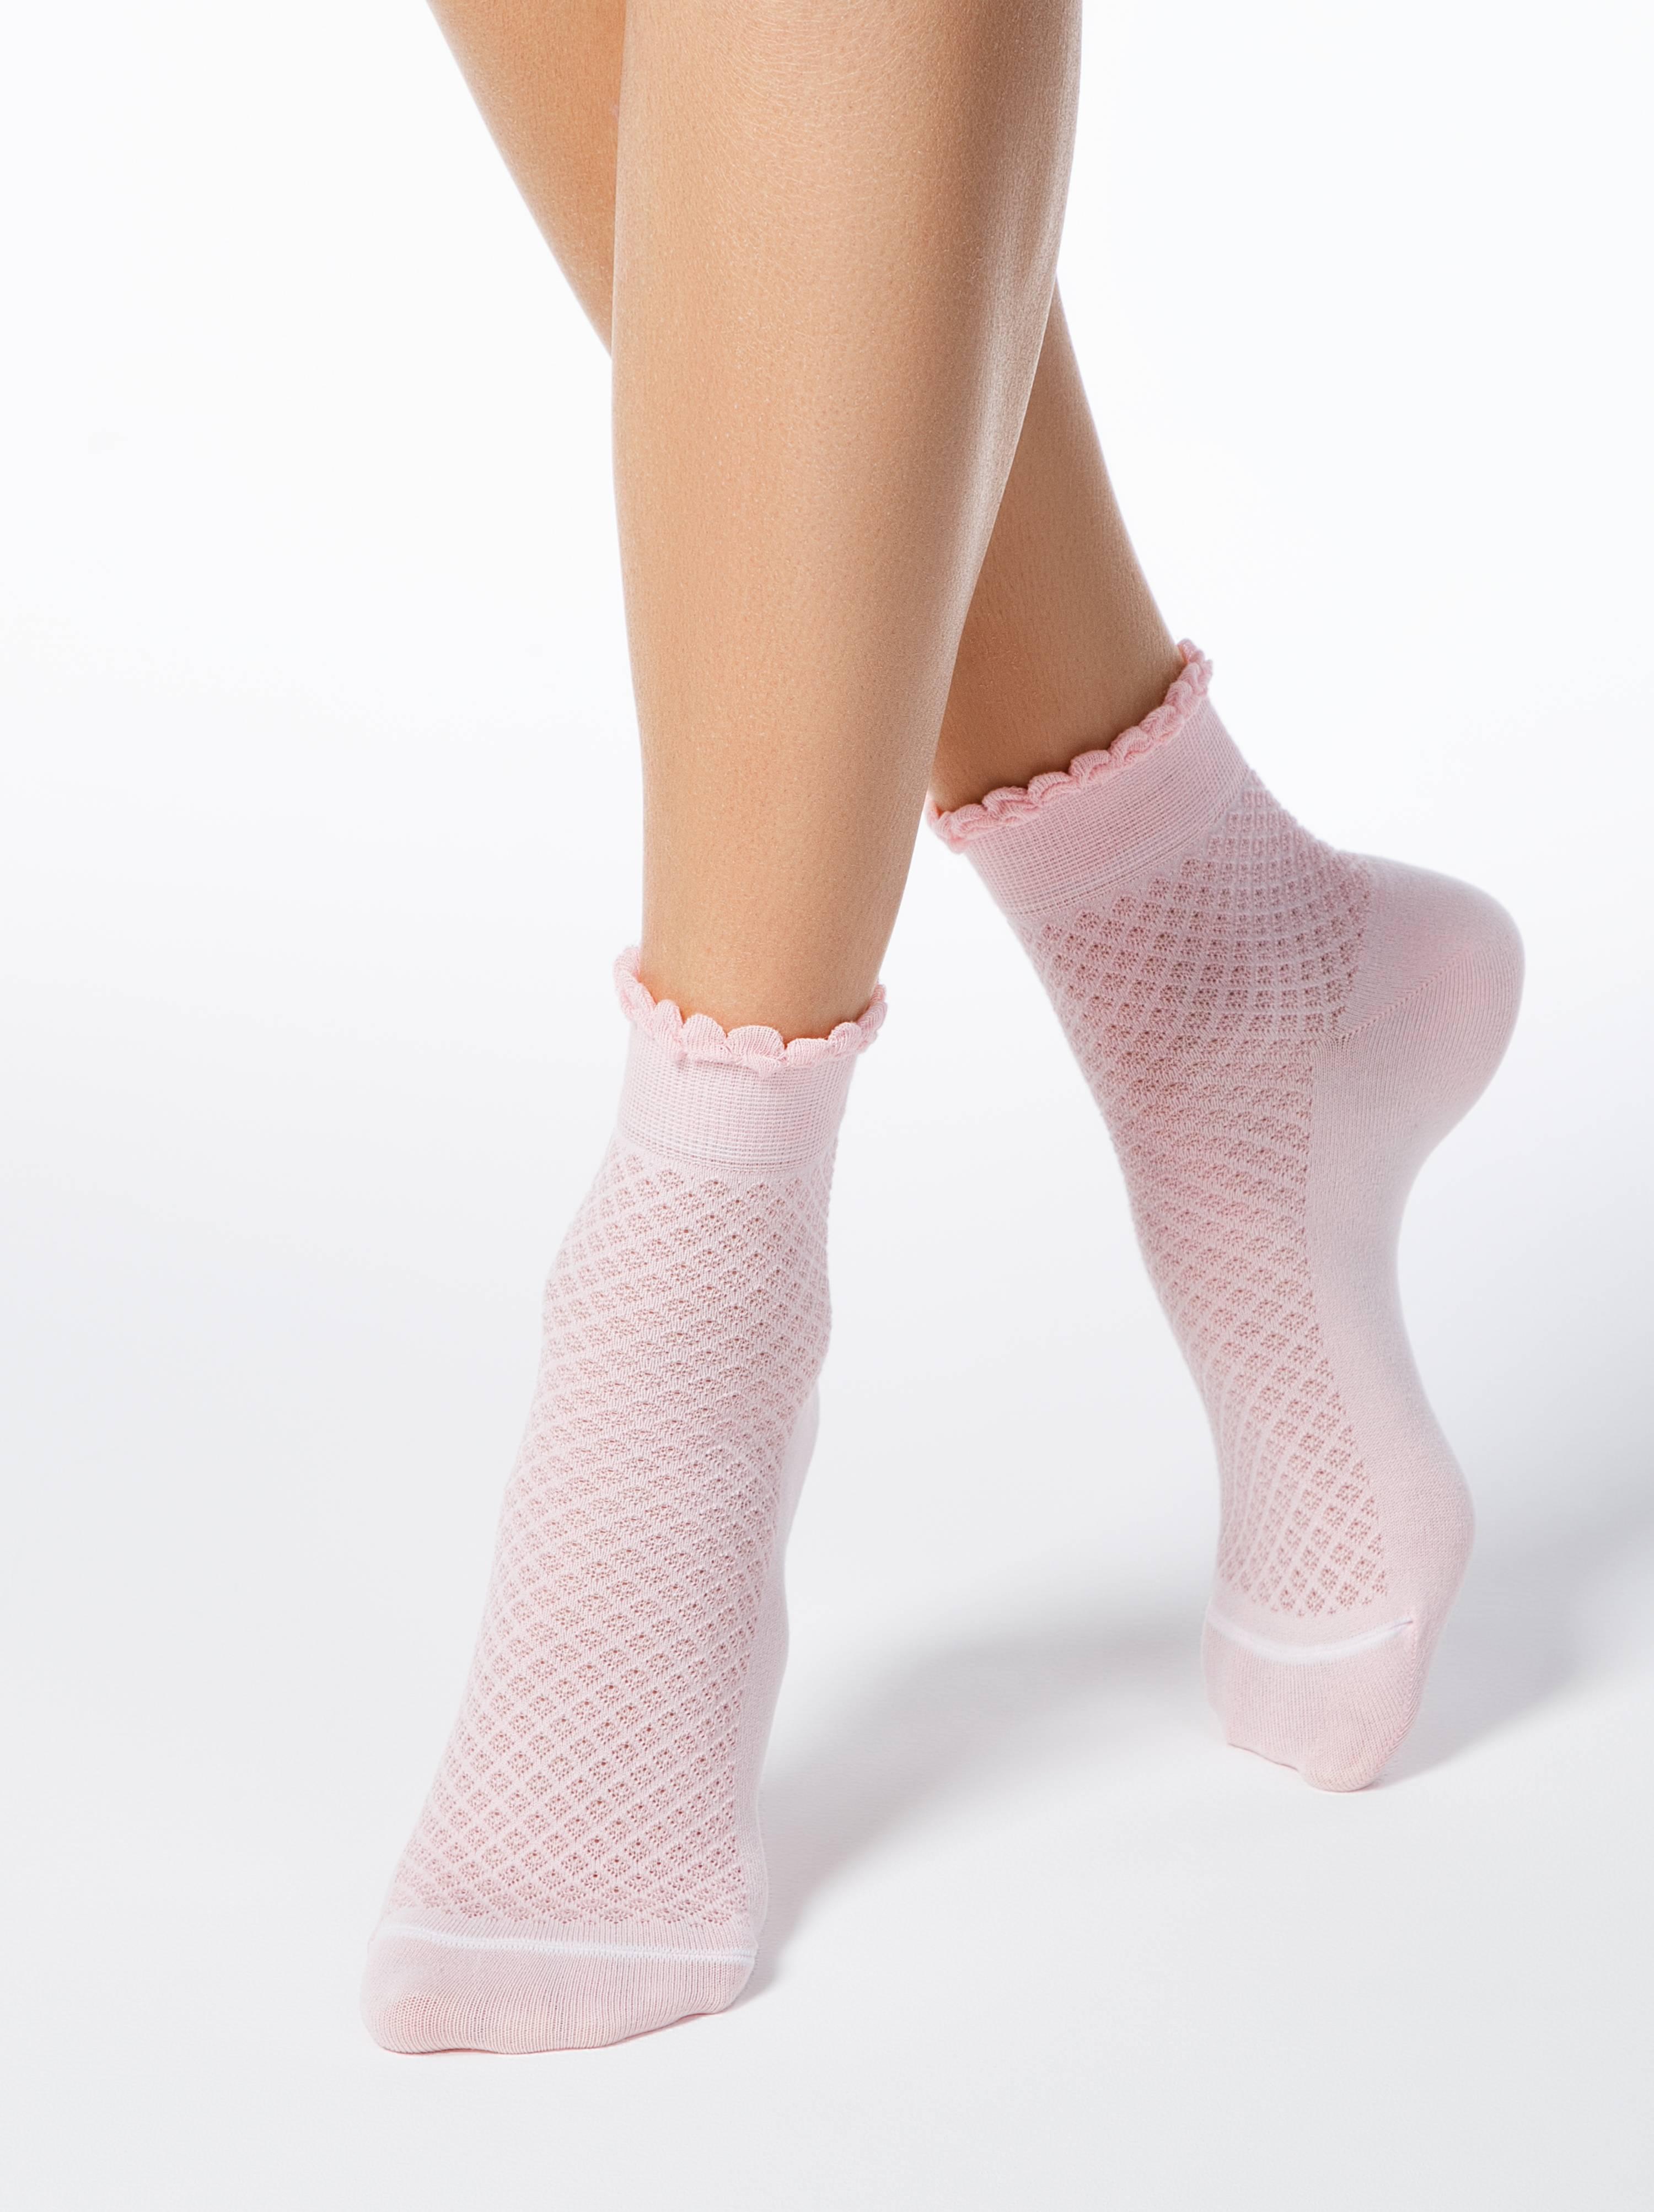 Ажурные хлопковые носки CLASSIC с пикотом фото